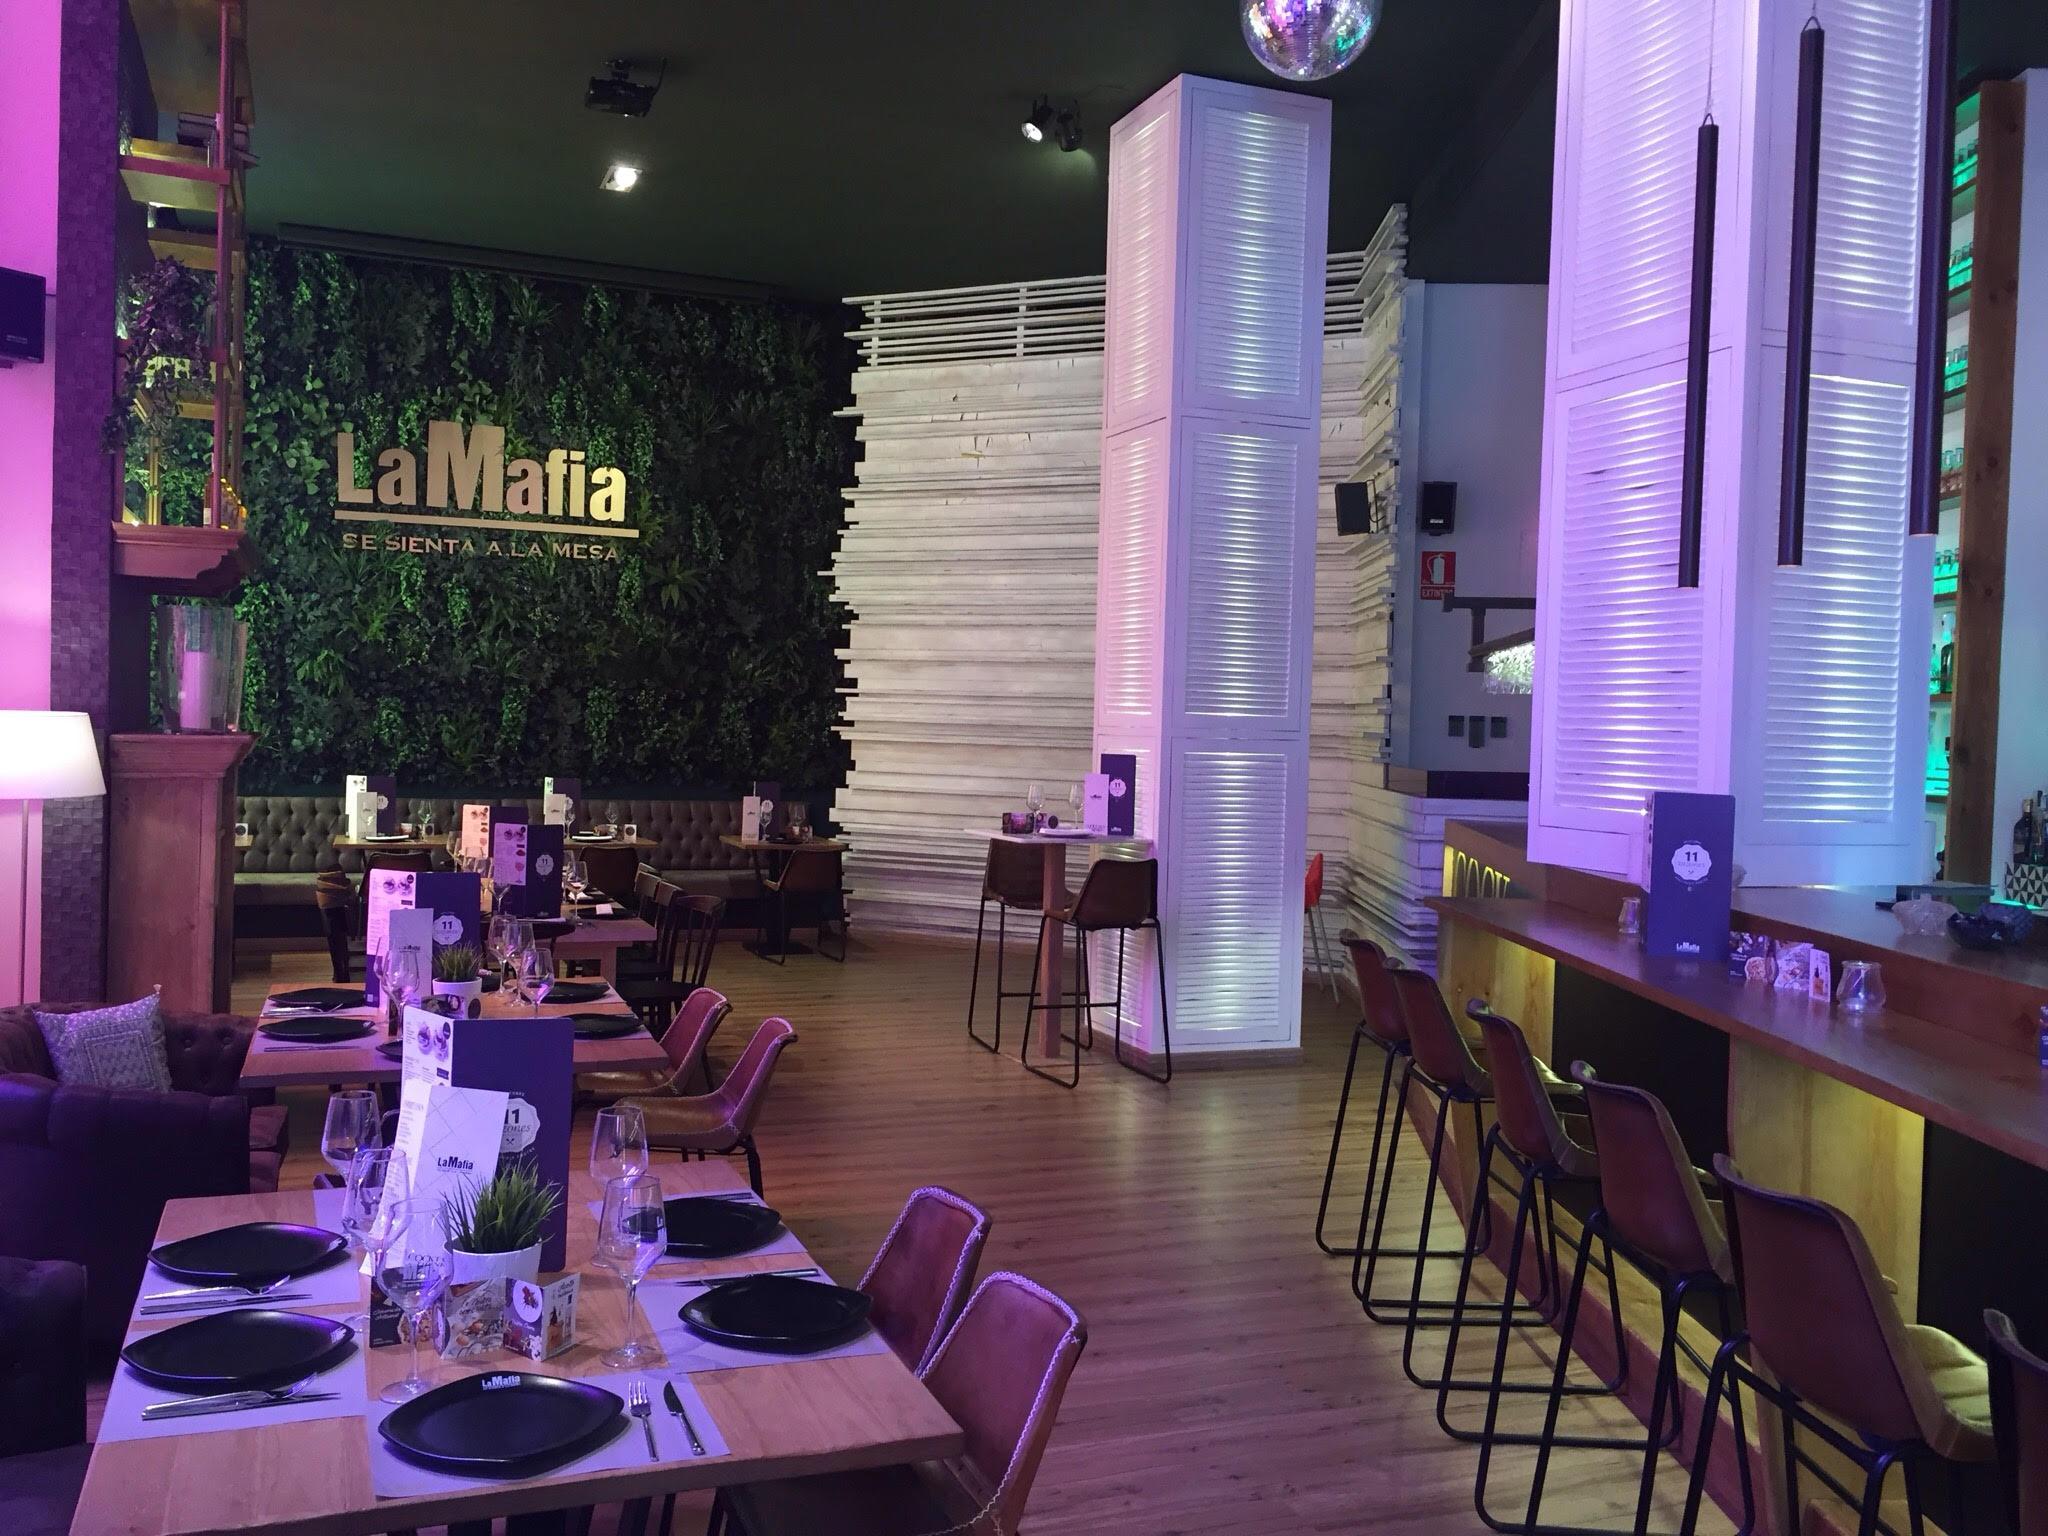 10 razones que hacen especial La Mafia se sienta a la mesa - 10 razones que nos hacen especiales